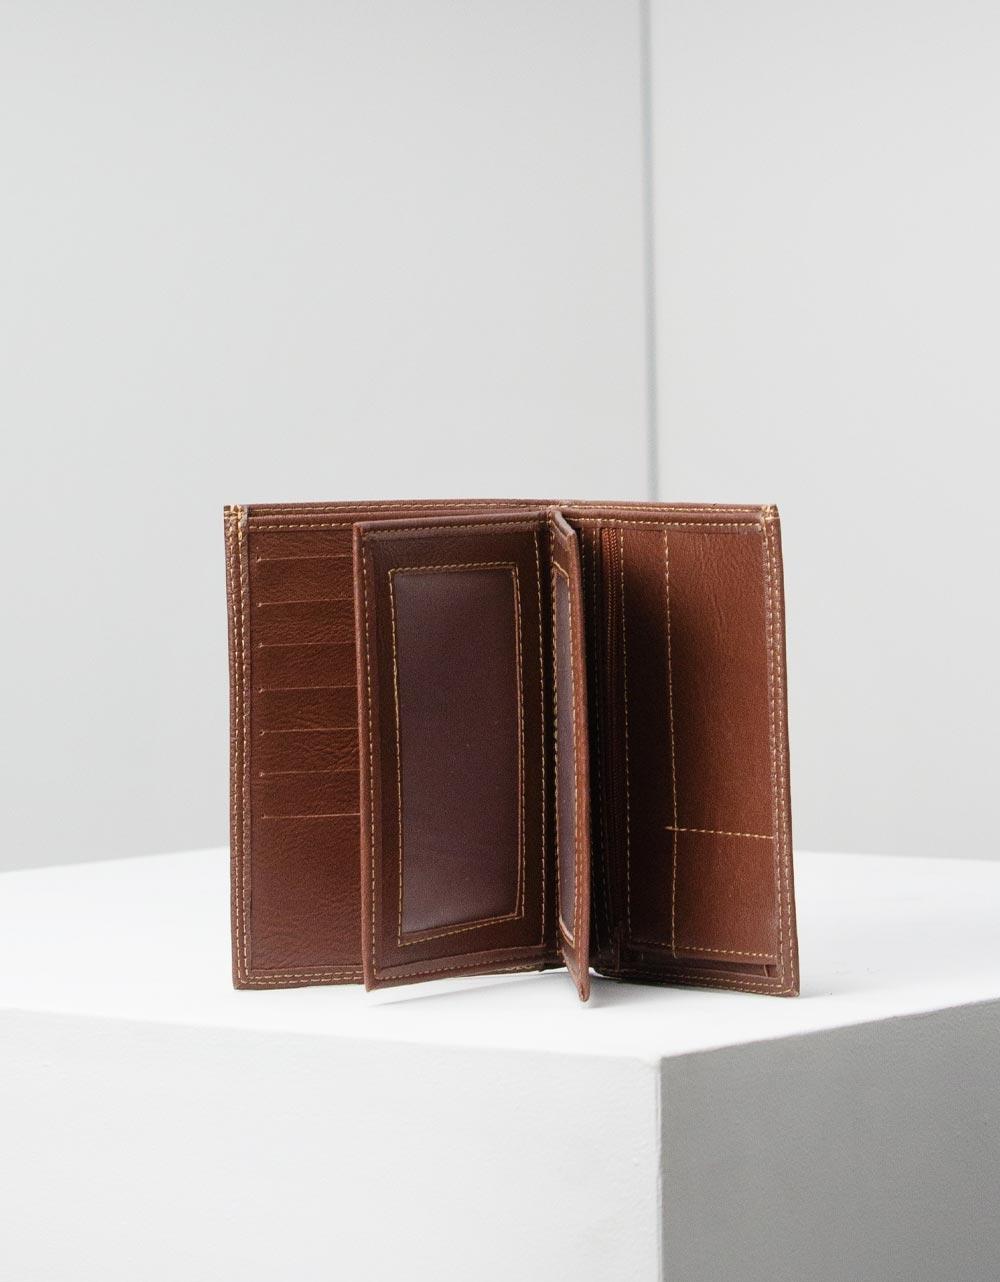 Εικόνα από Ανδρικά πορτοφόλια με διακοσμητικές ραφές Ταμπά